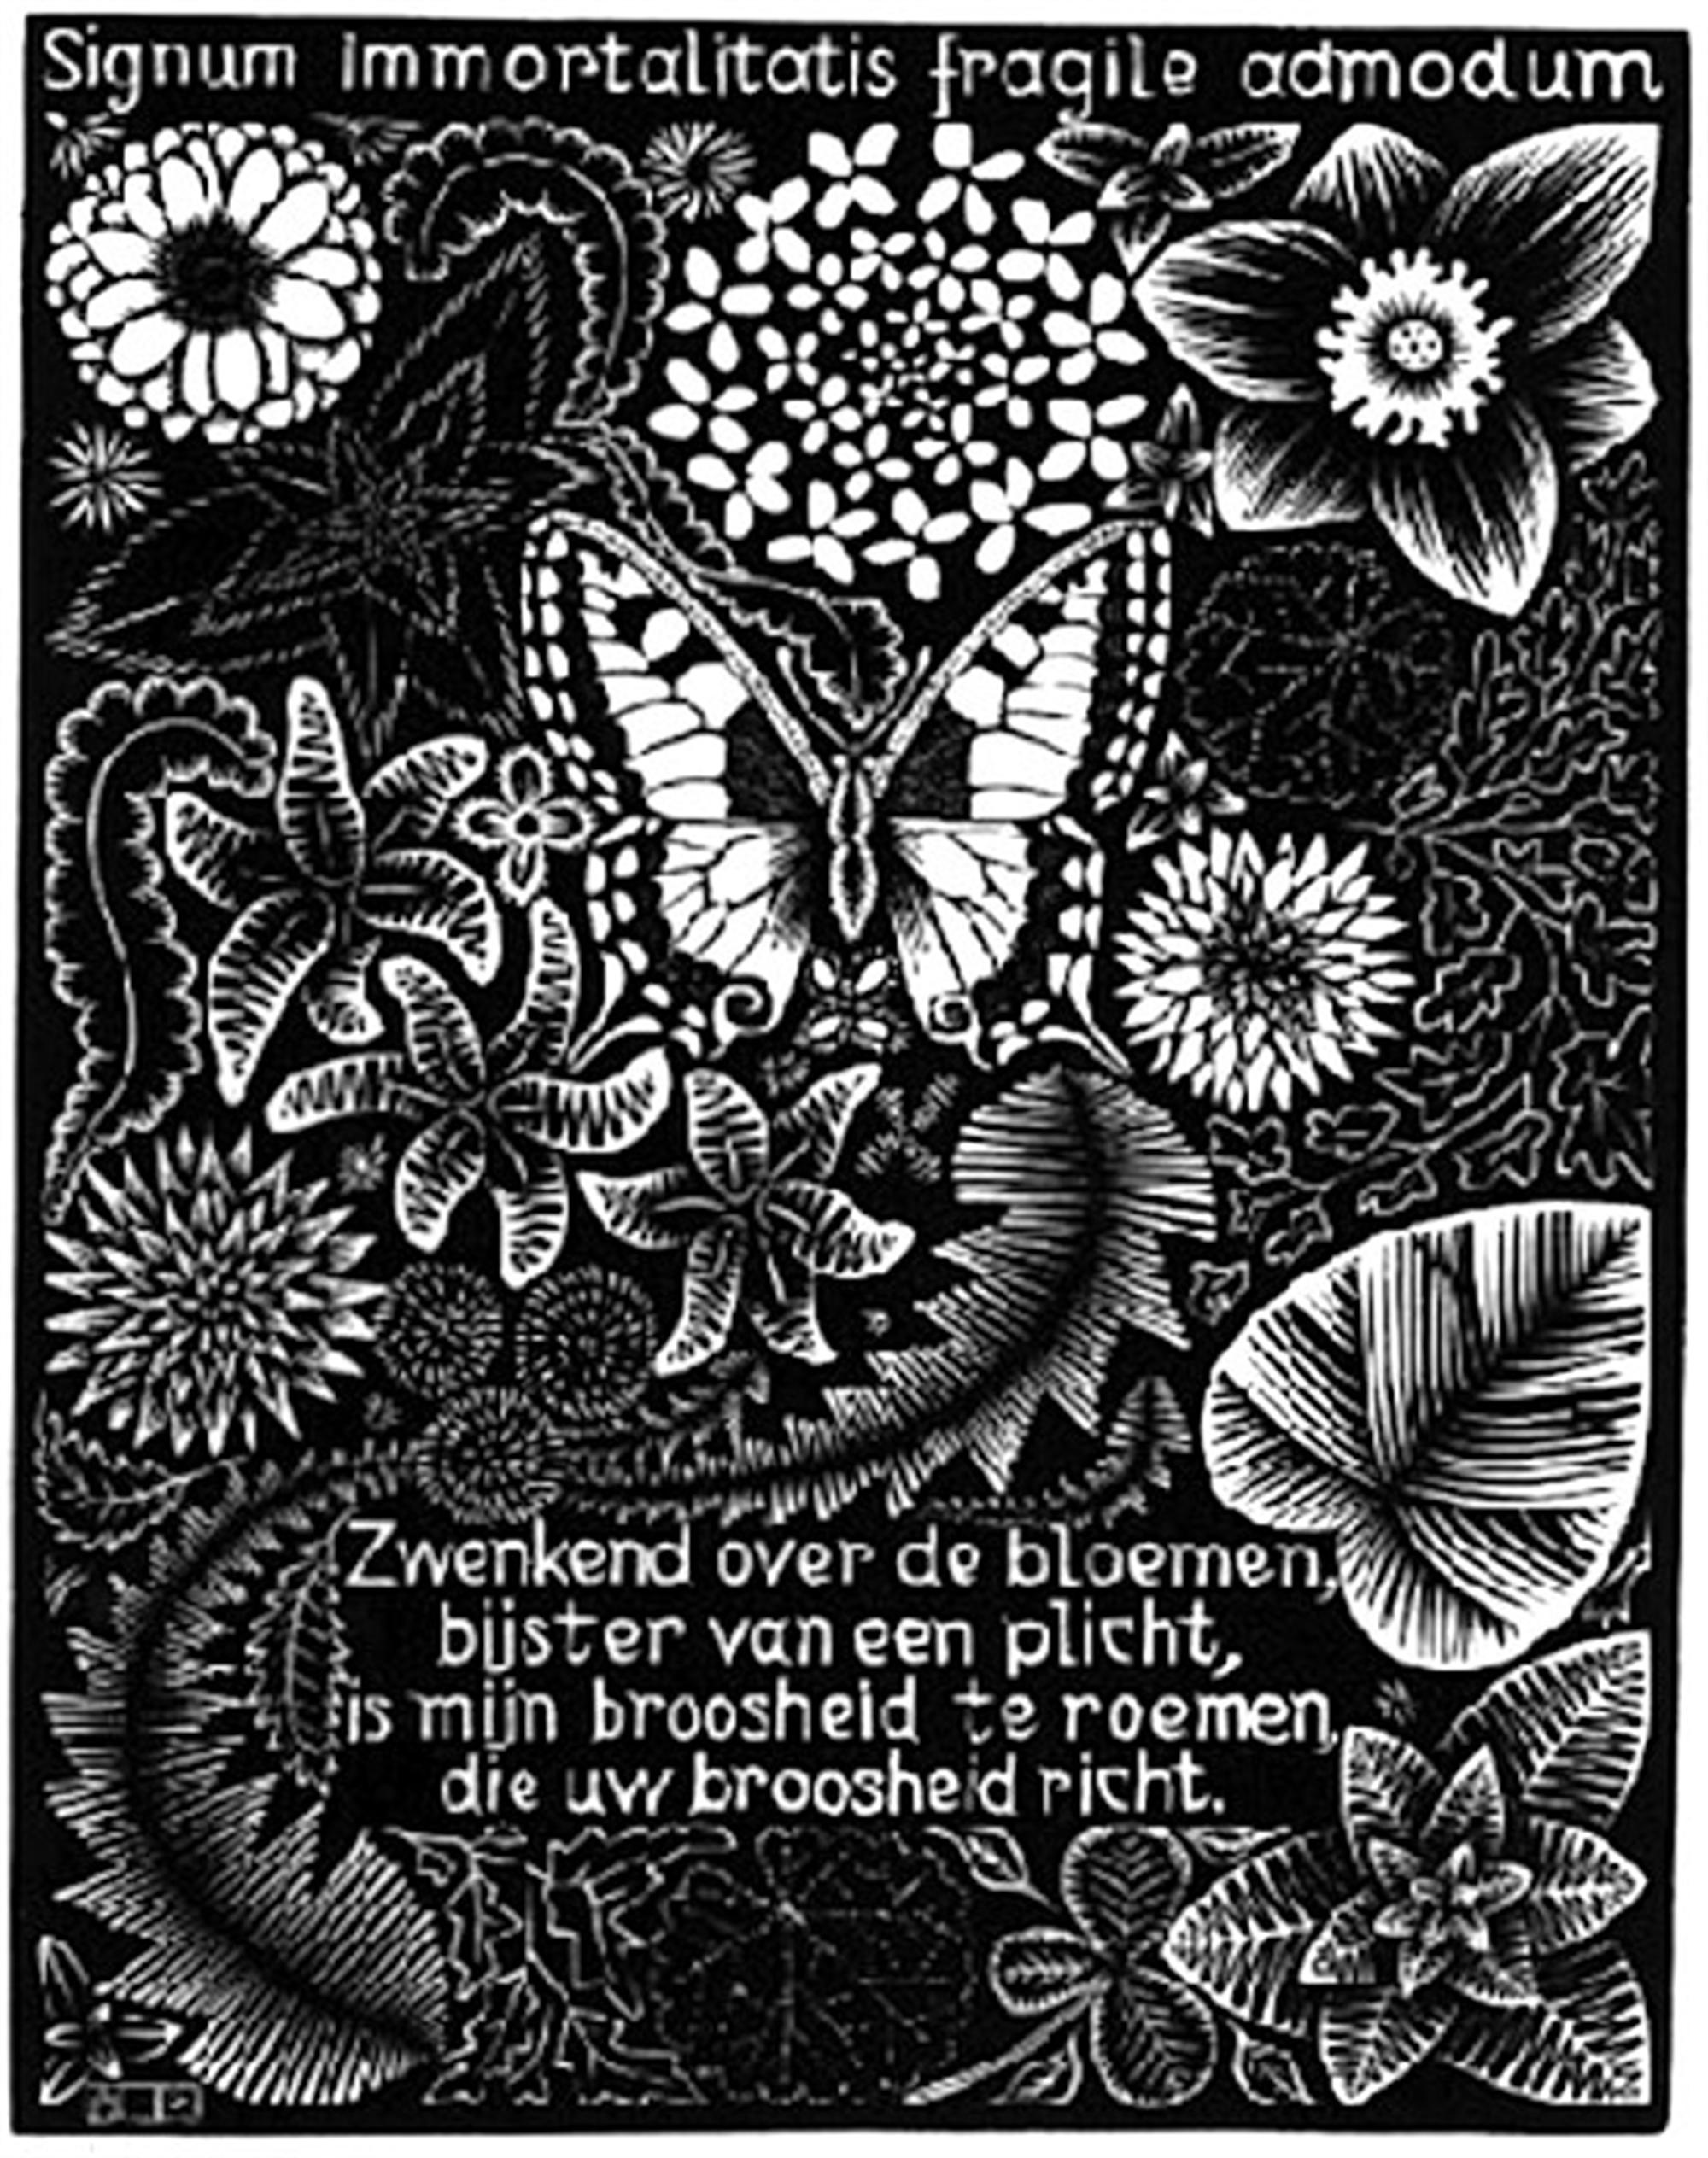 Emblemata - Butterfly by M.C. Escher